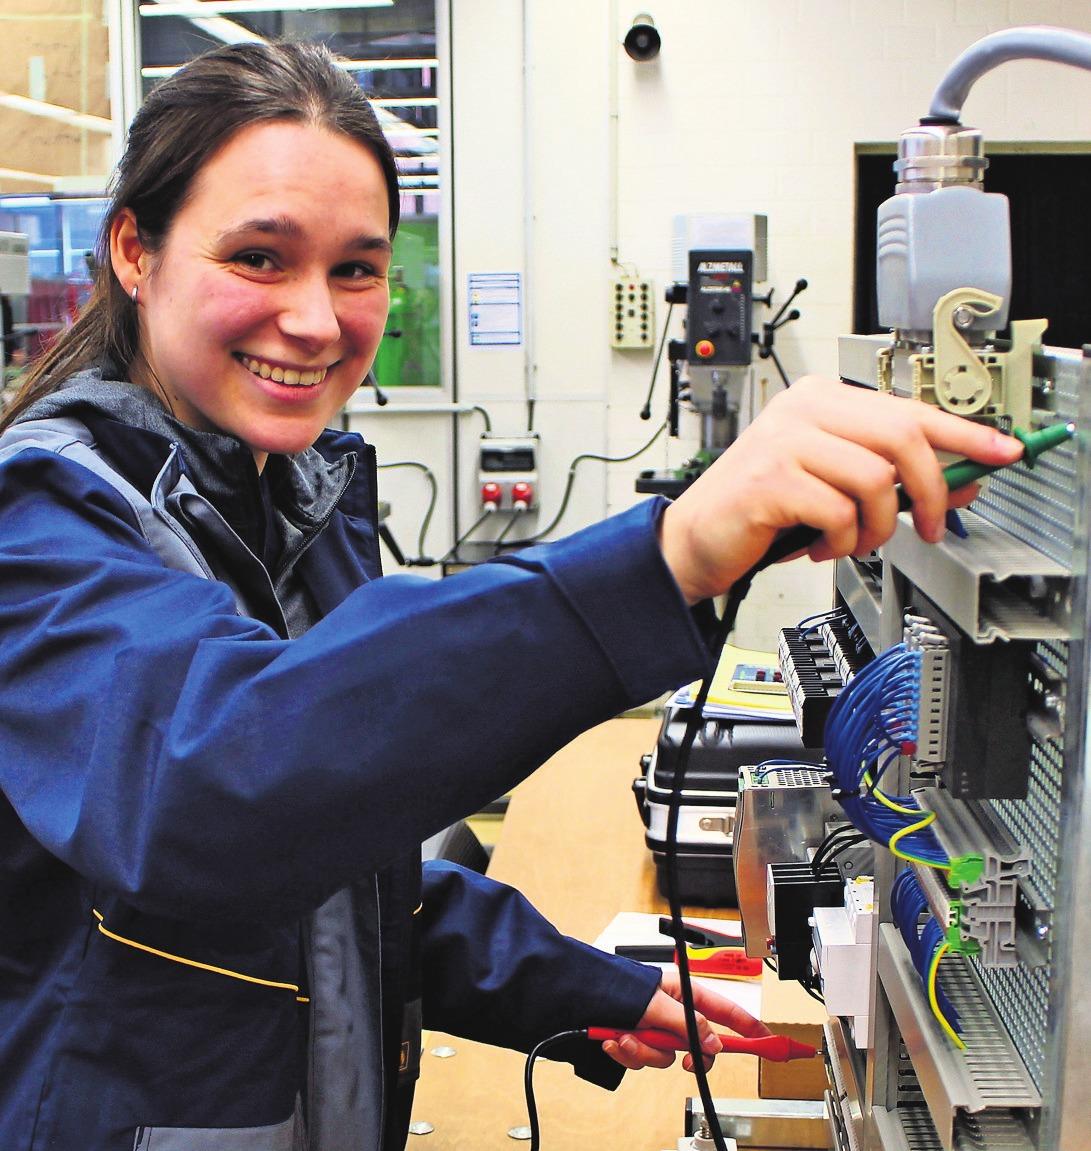 Lässt Strom fließen – Katrin Knödler wird Elektronikerin für Betriebstechnik. Foto: Netze BW